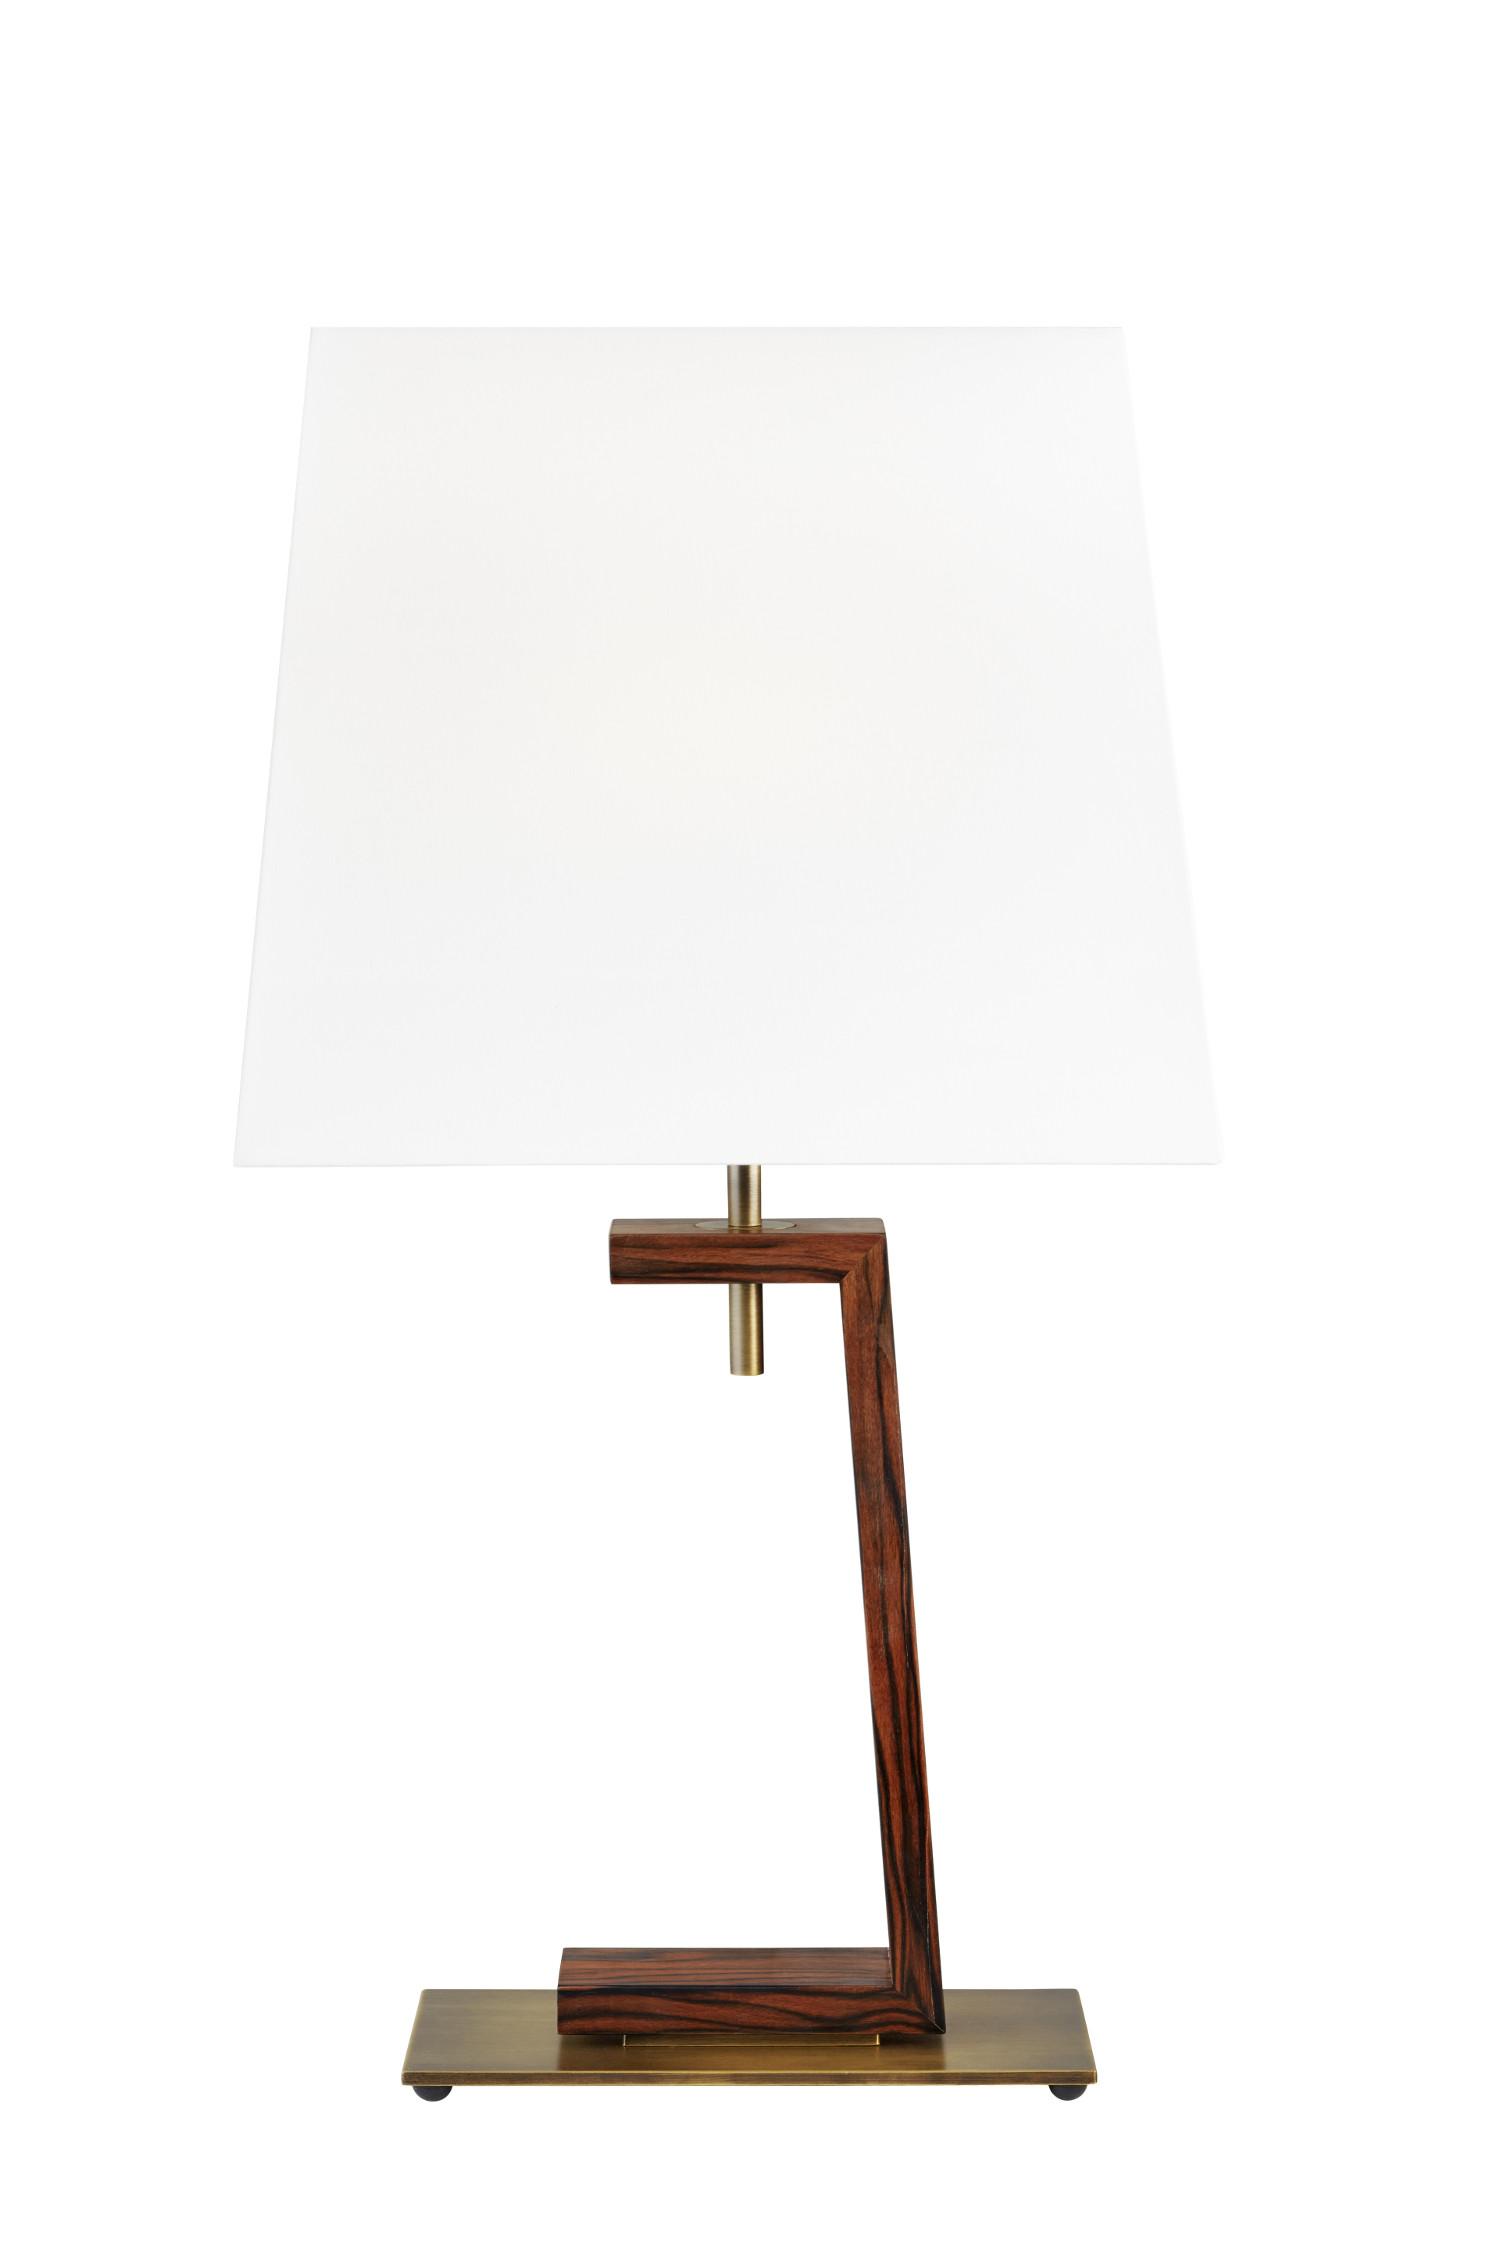 Ise-lampe.jpg